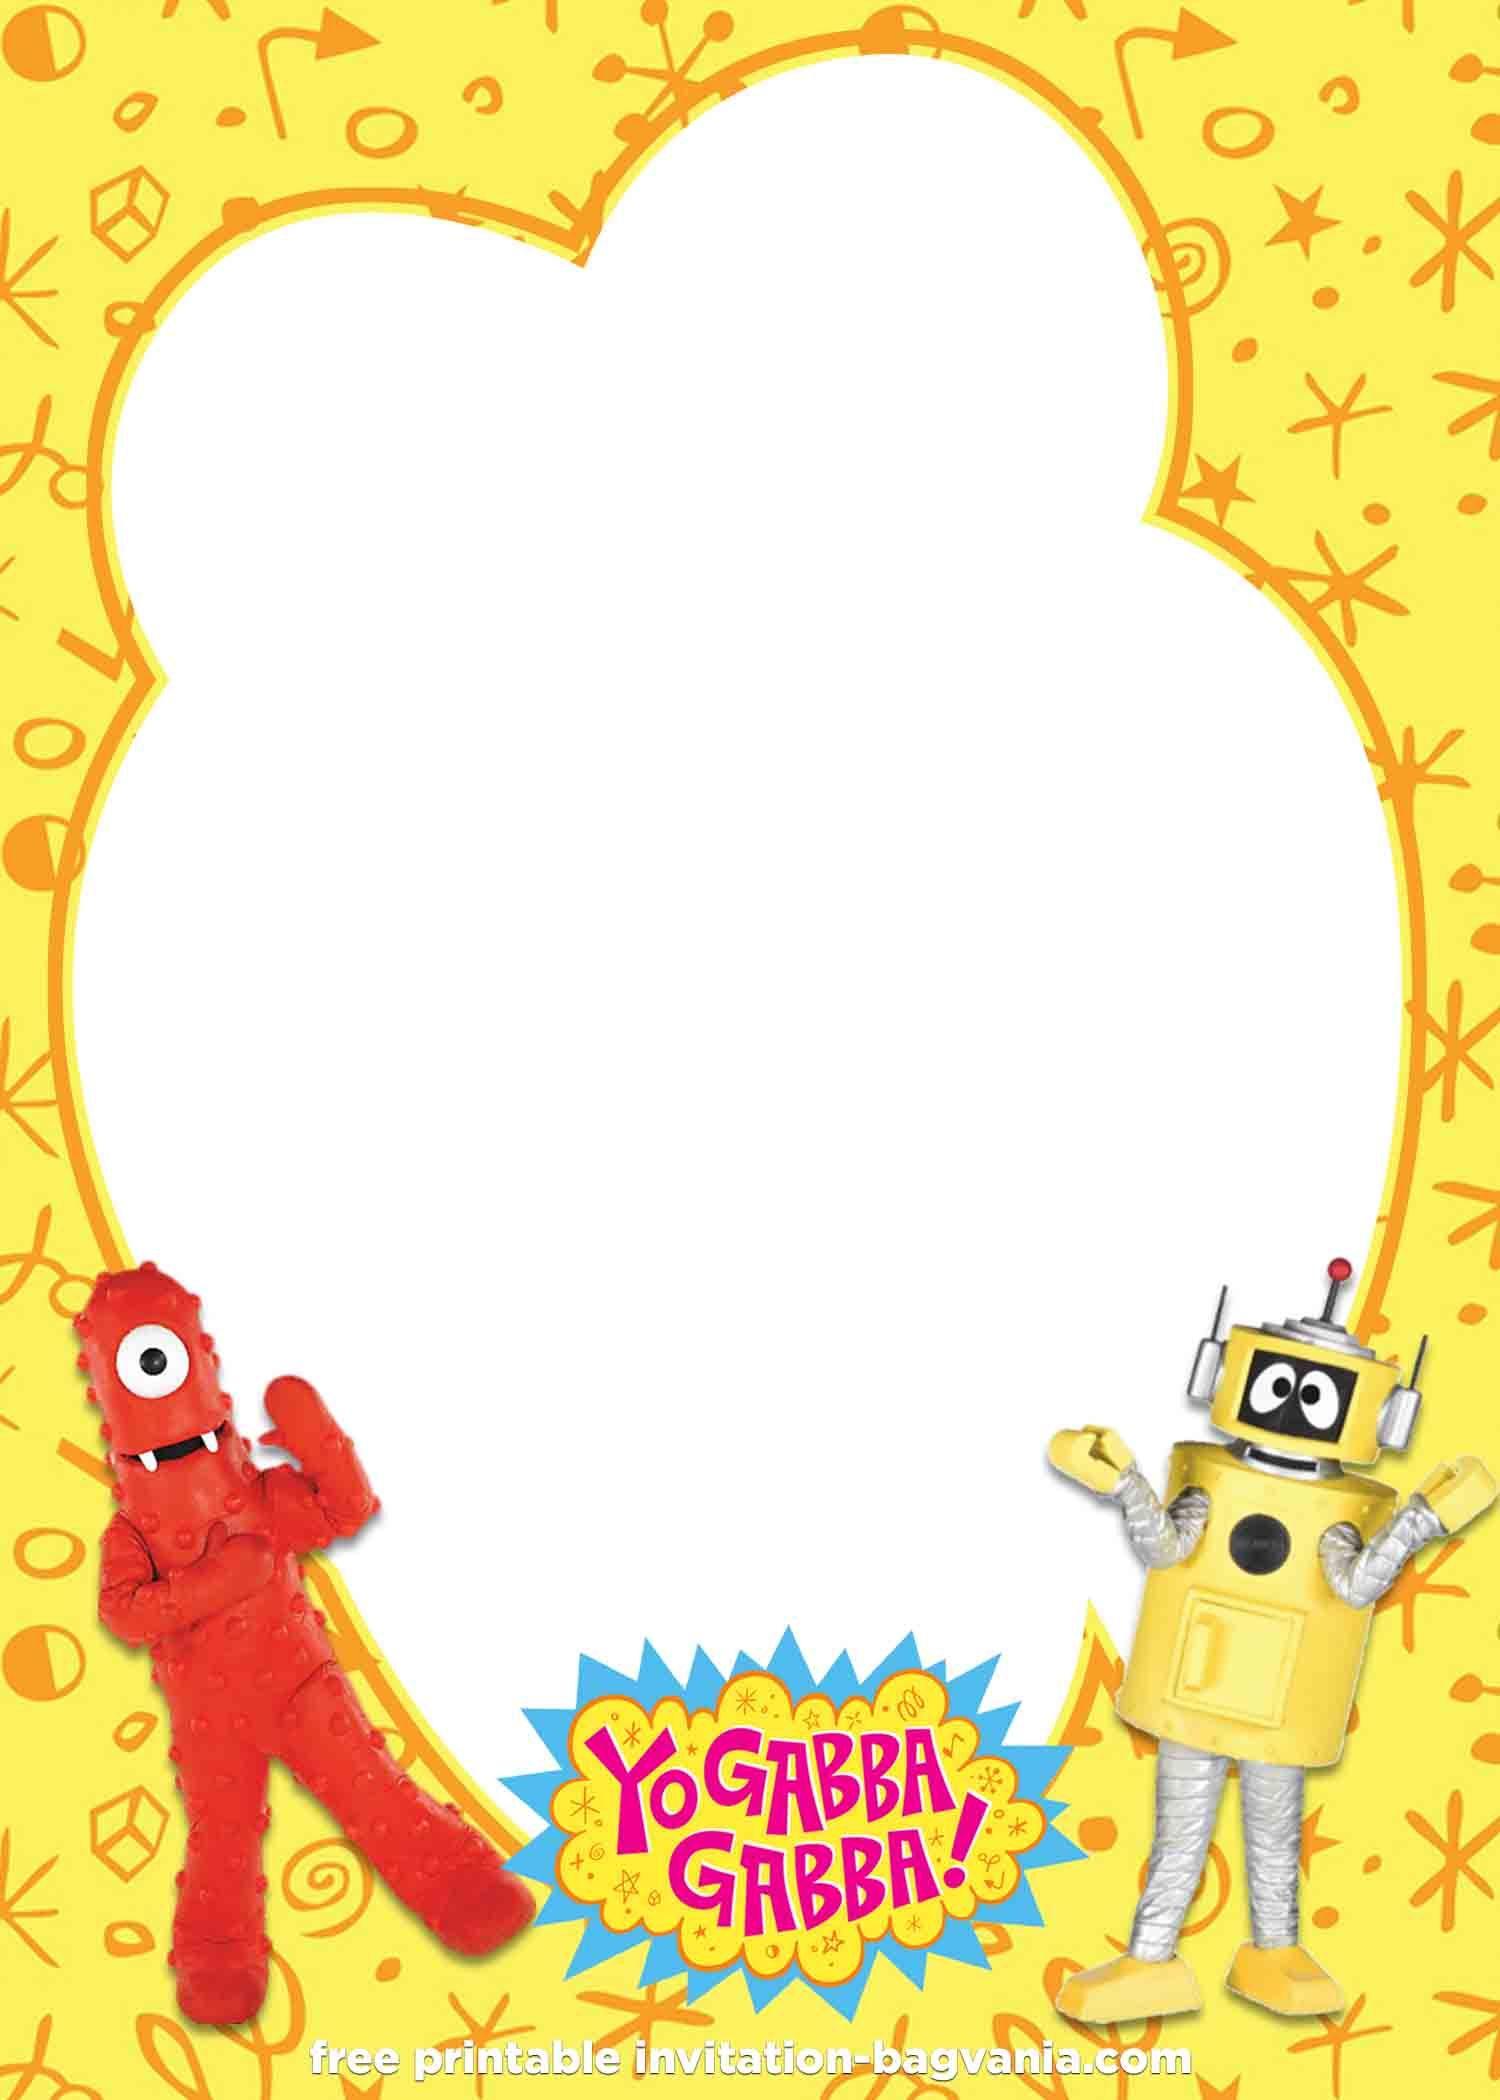 Free Yo Gabba Gabba Invitation Templates Yo Gabba Gabba Invitation Template Gabba Gabba [ 2100 x 1500 Pixel ]